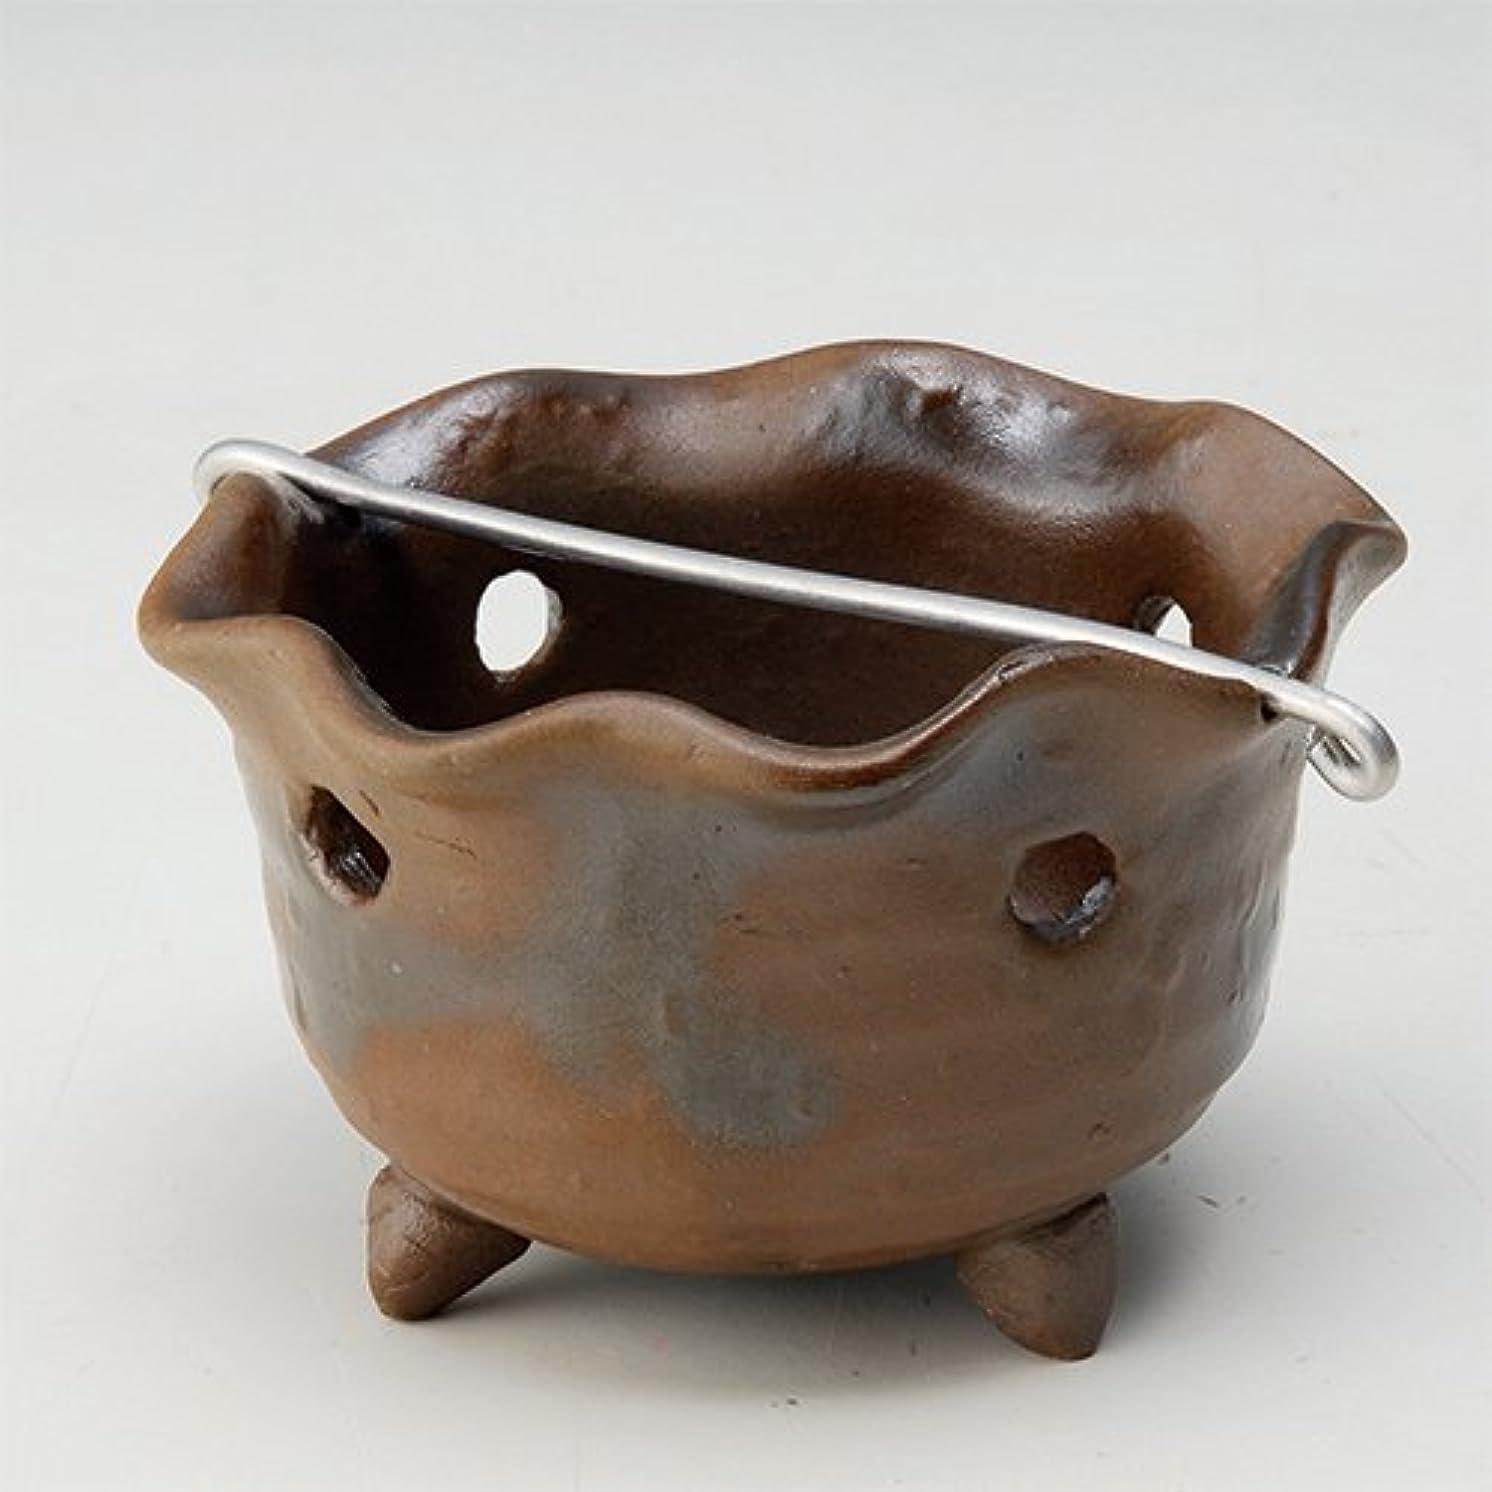 ここに団結するスイ香皿 窯変 花型 香鉢 [R8.5xH5.3cm] HANDMADE プレゼント ギフト 和食器 かわいい インテリア